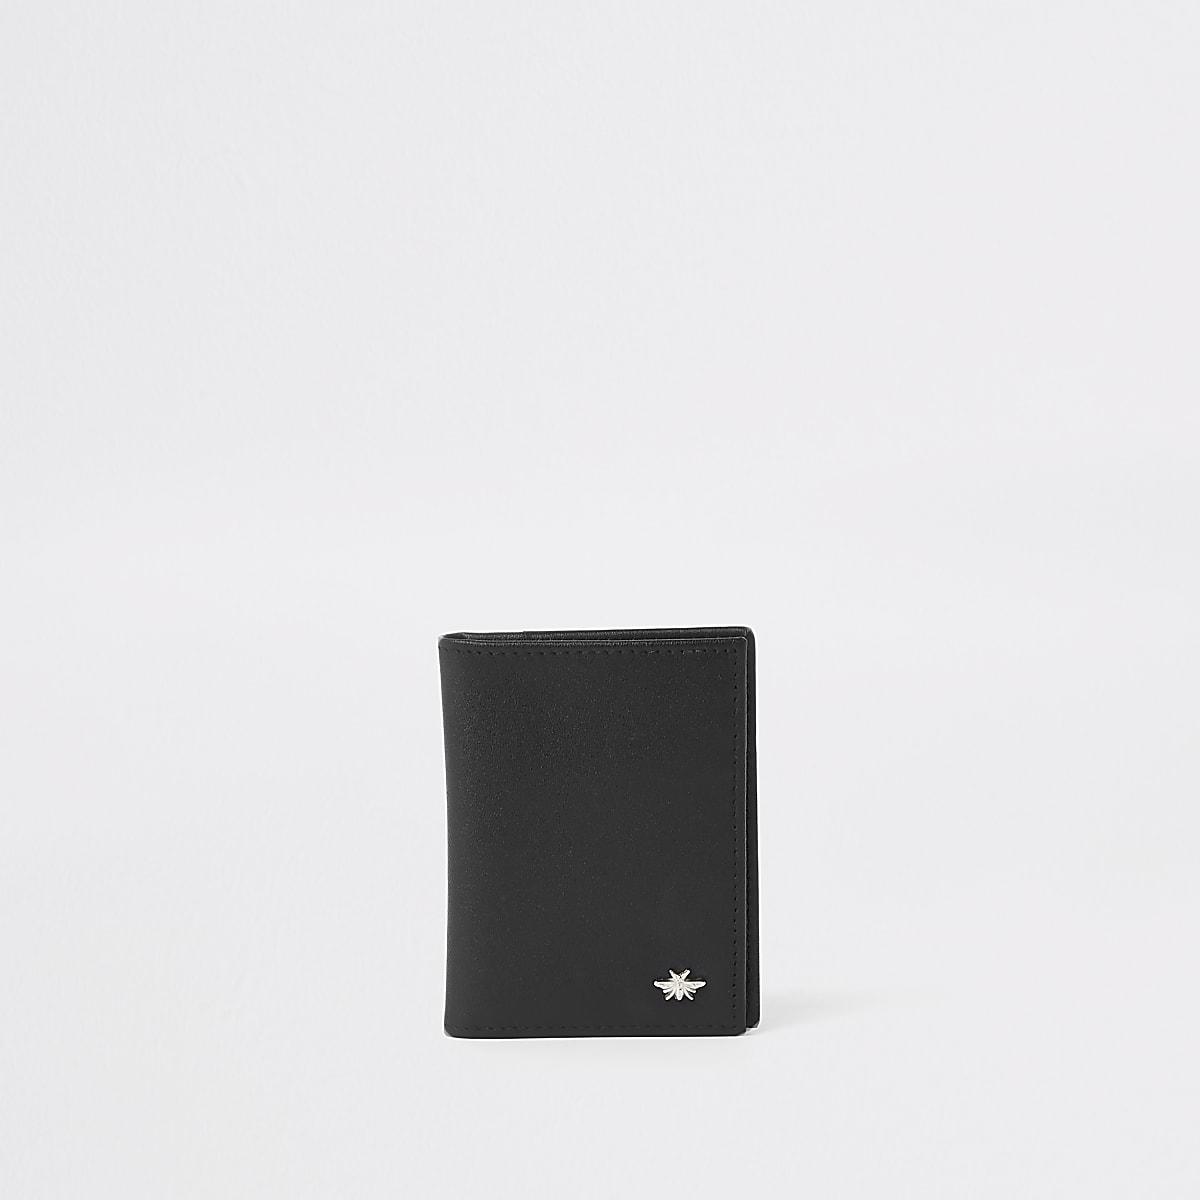 Schwarzer Kartenetui aus Leder